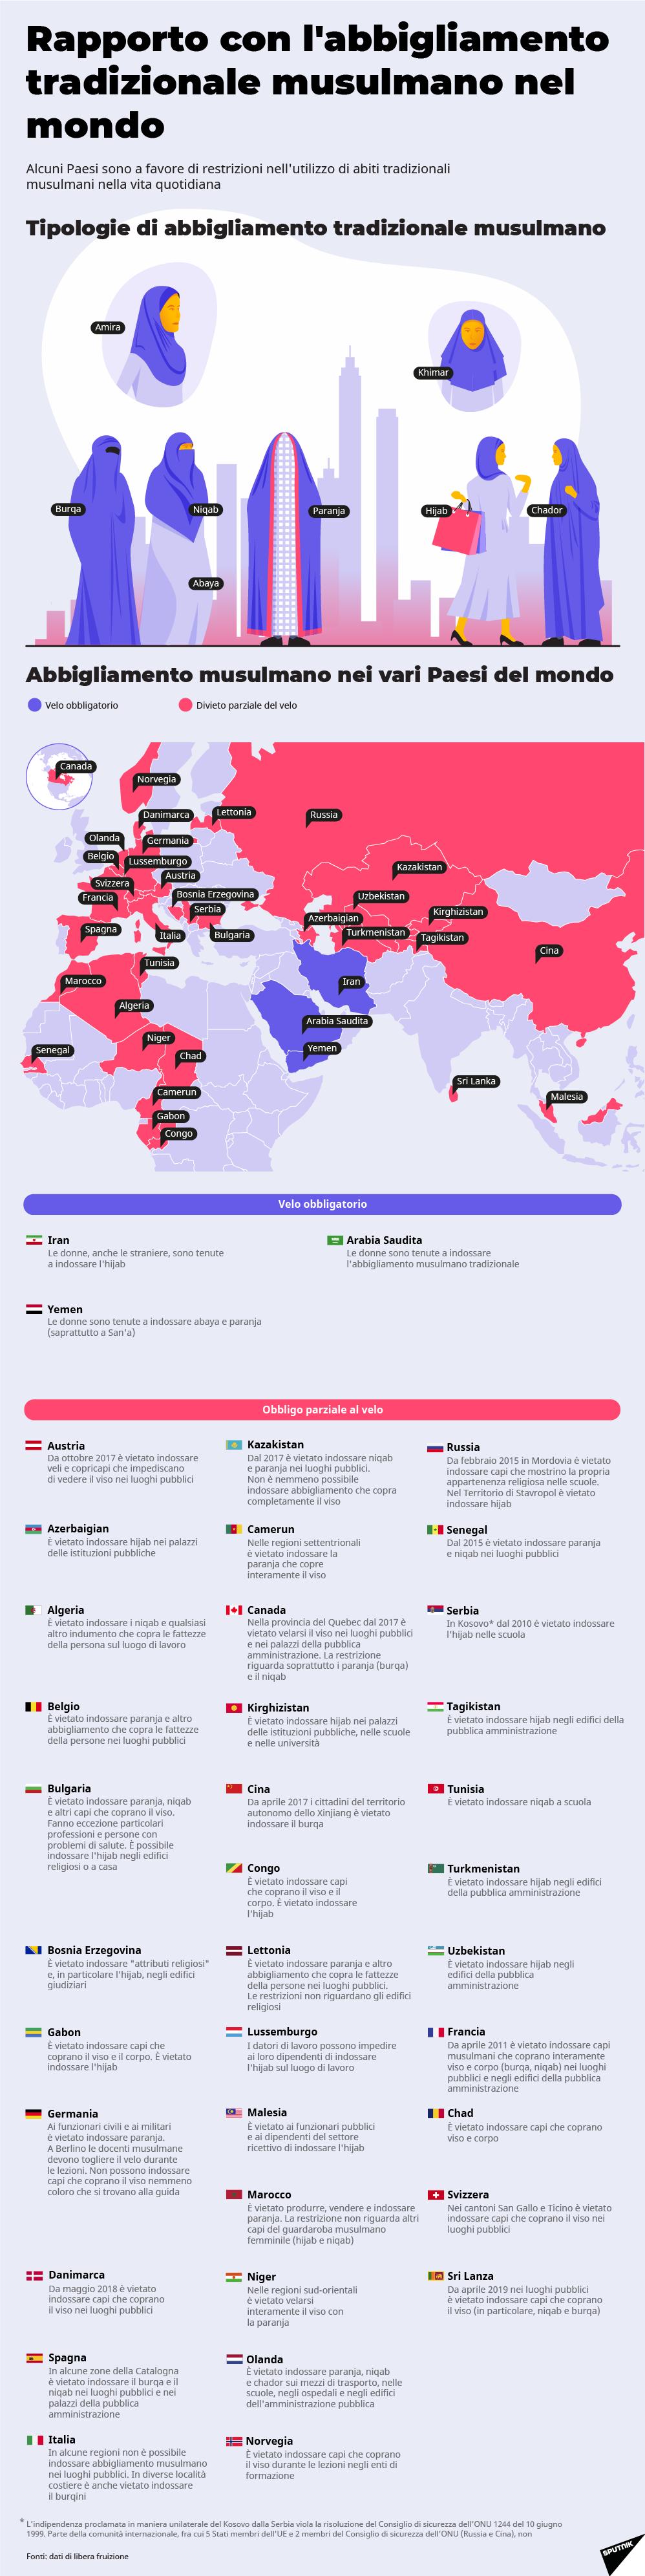 Rapporto con l'abbigliamento tradizionale musulmano nel mondo - Sputnik Italia